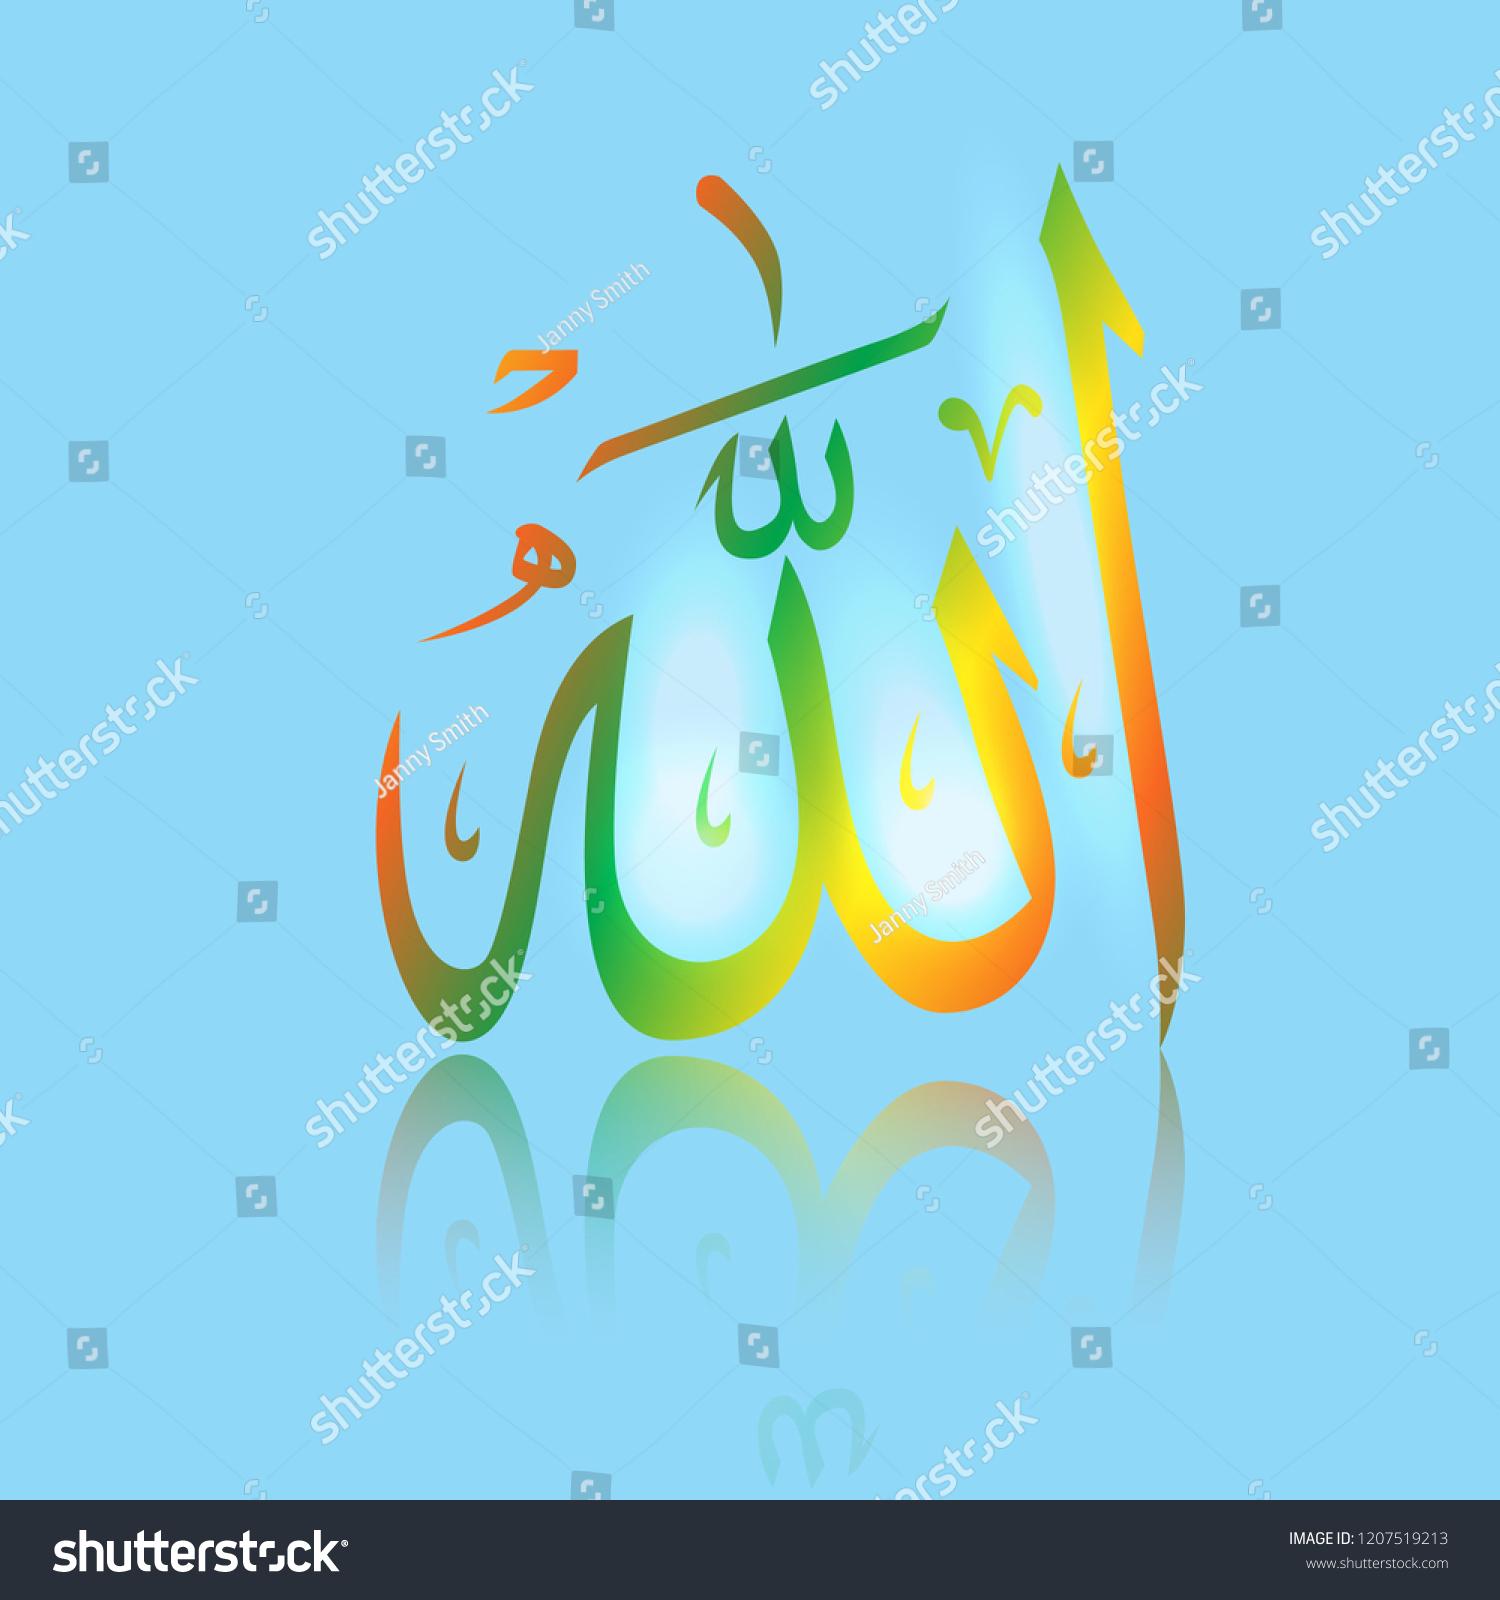 Allah Akbar Musique allah gad iclamic allahu akbar stock vector (royalty free